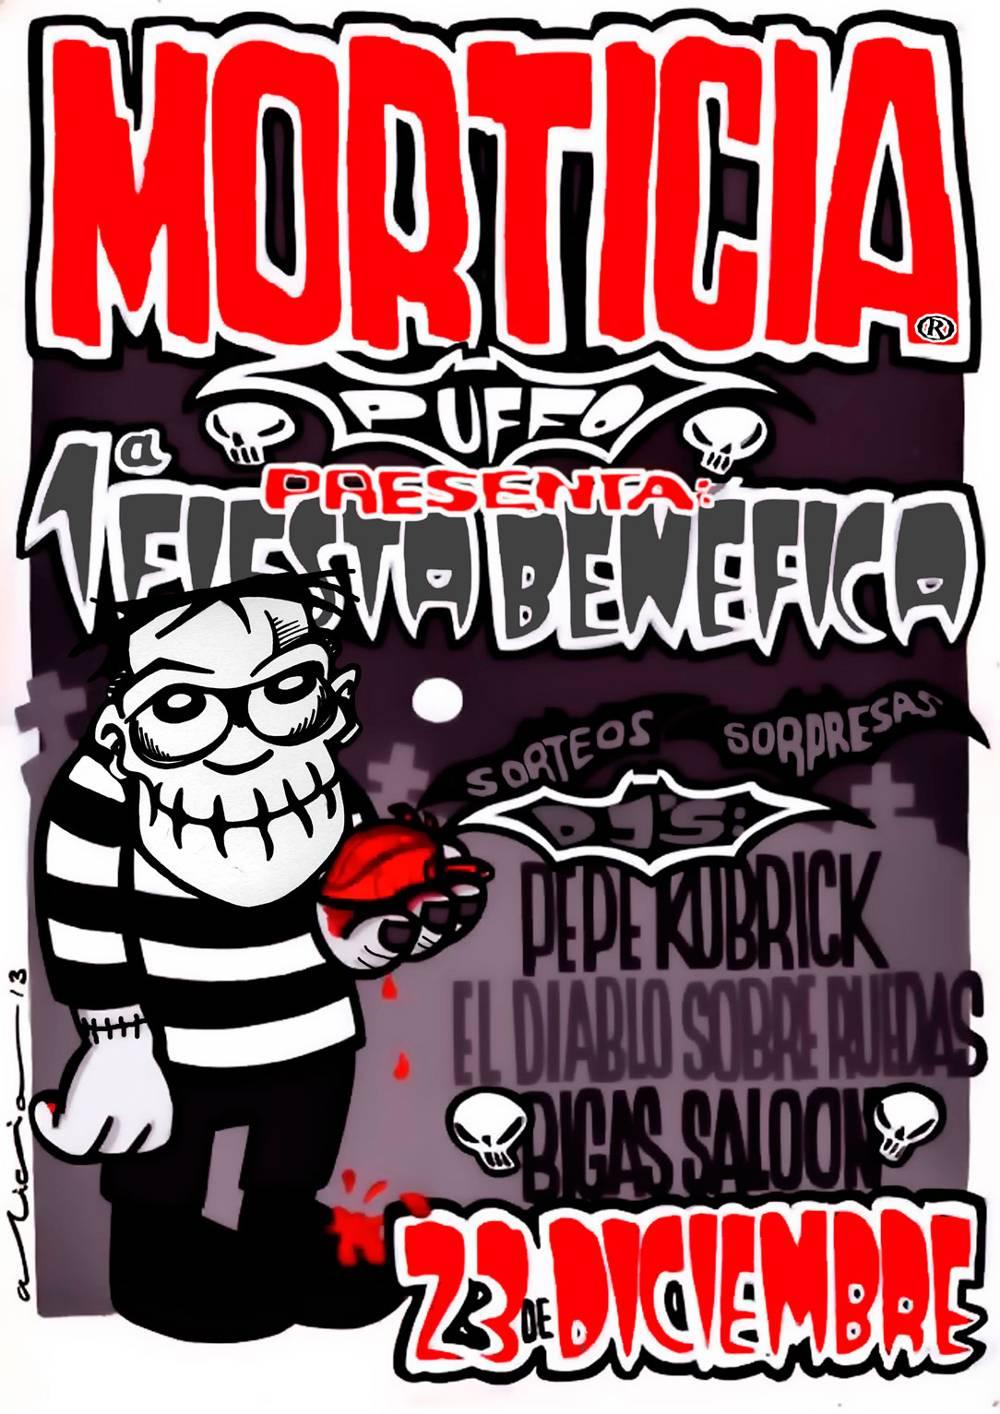 Fiesta-Benefica-morticia 2013